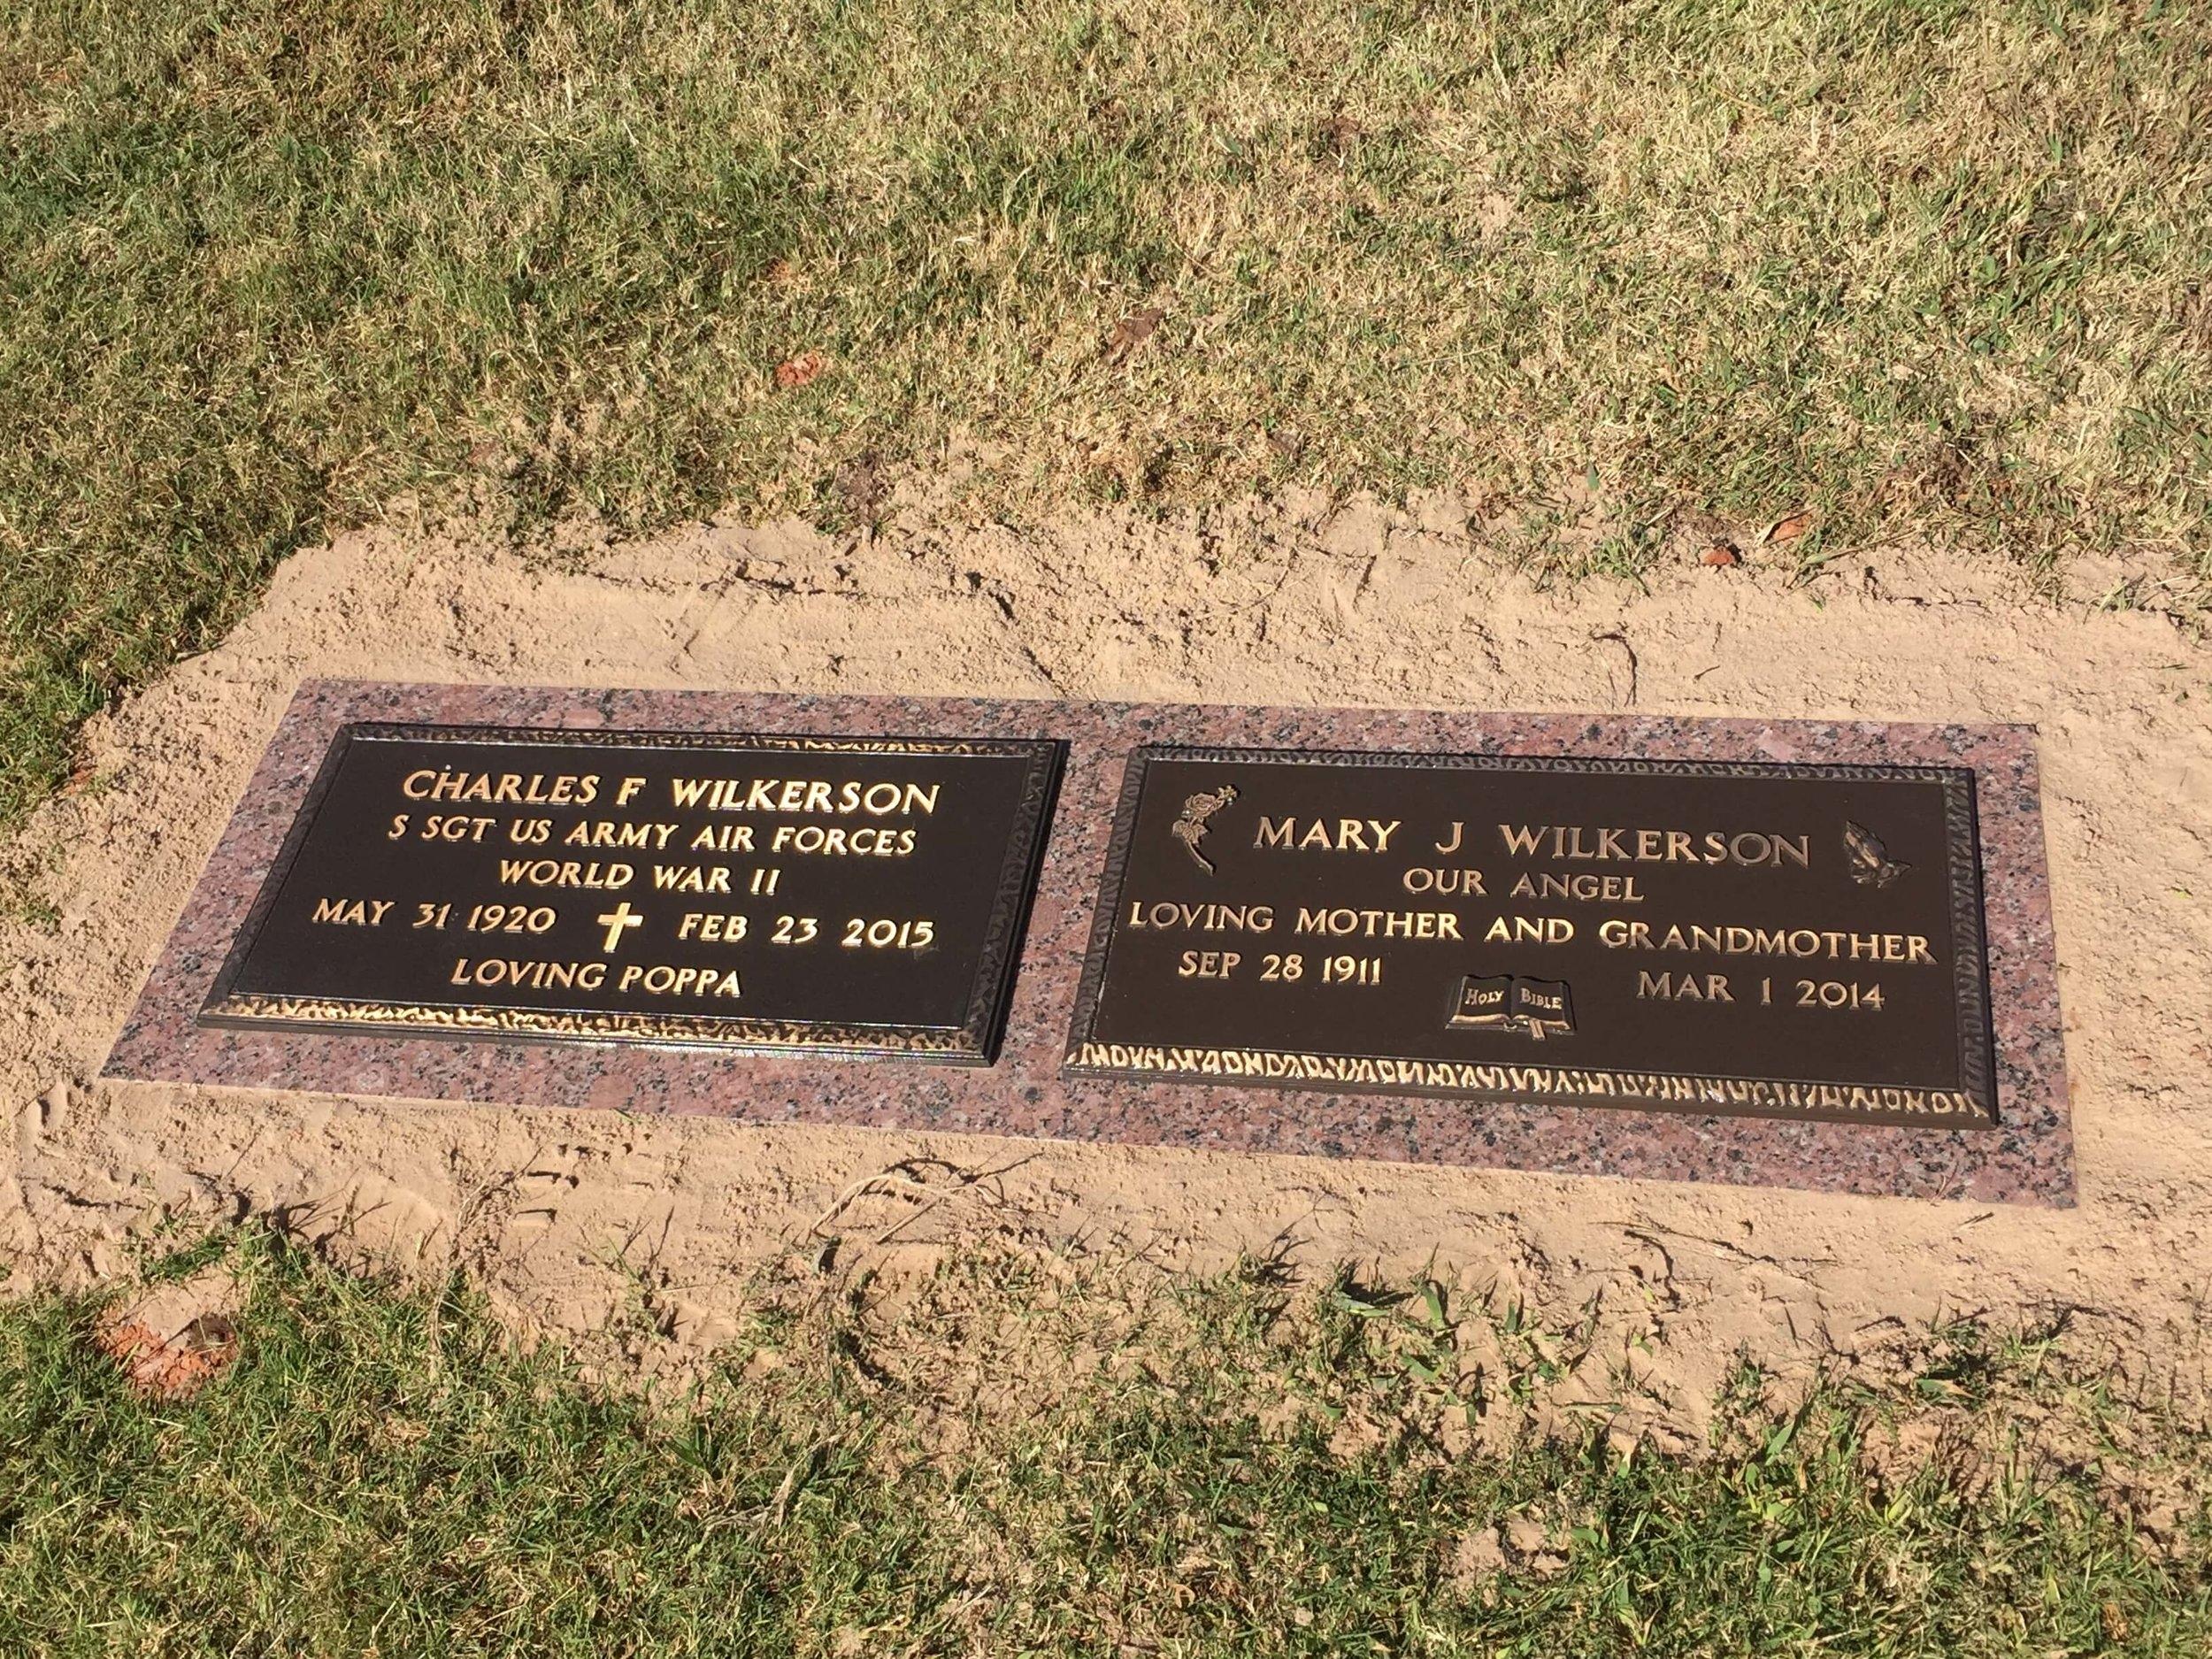 5. Gracelawn Cemetery, Edmond